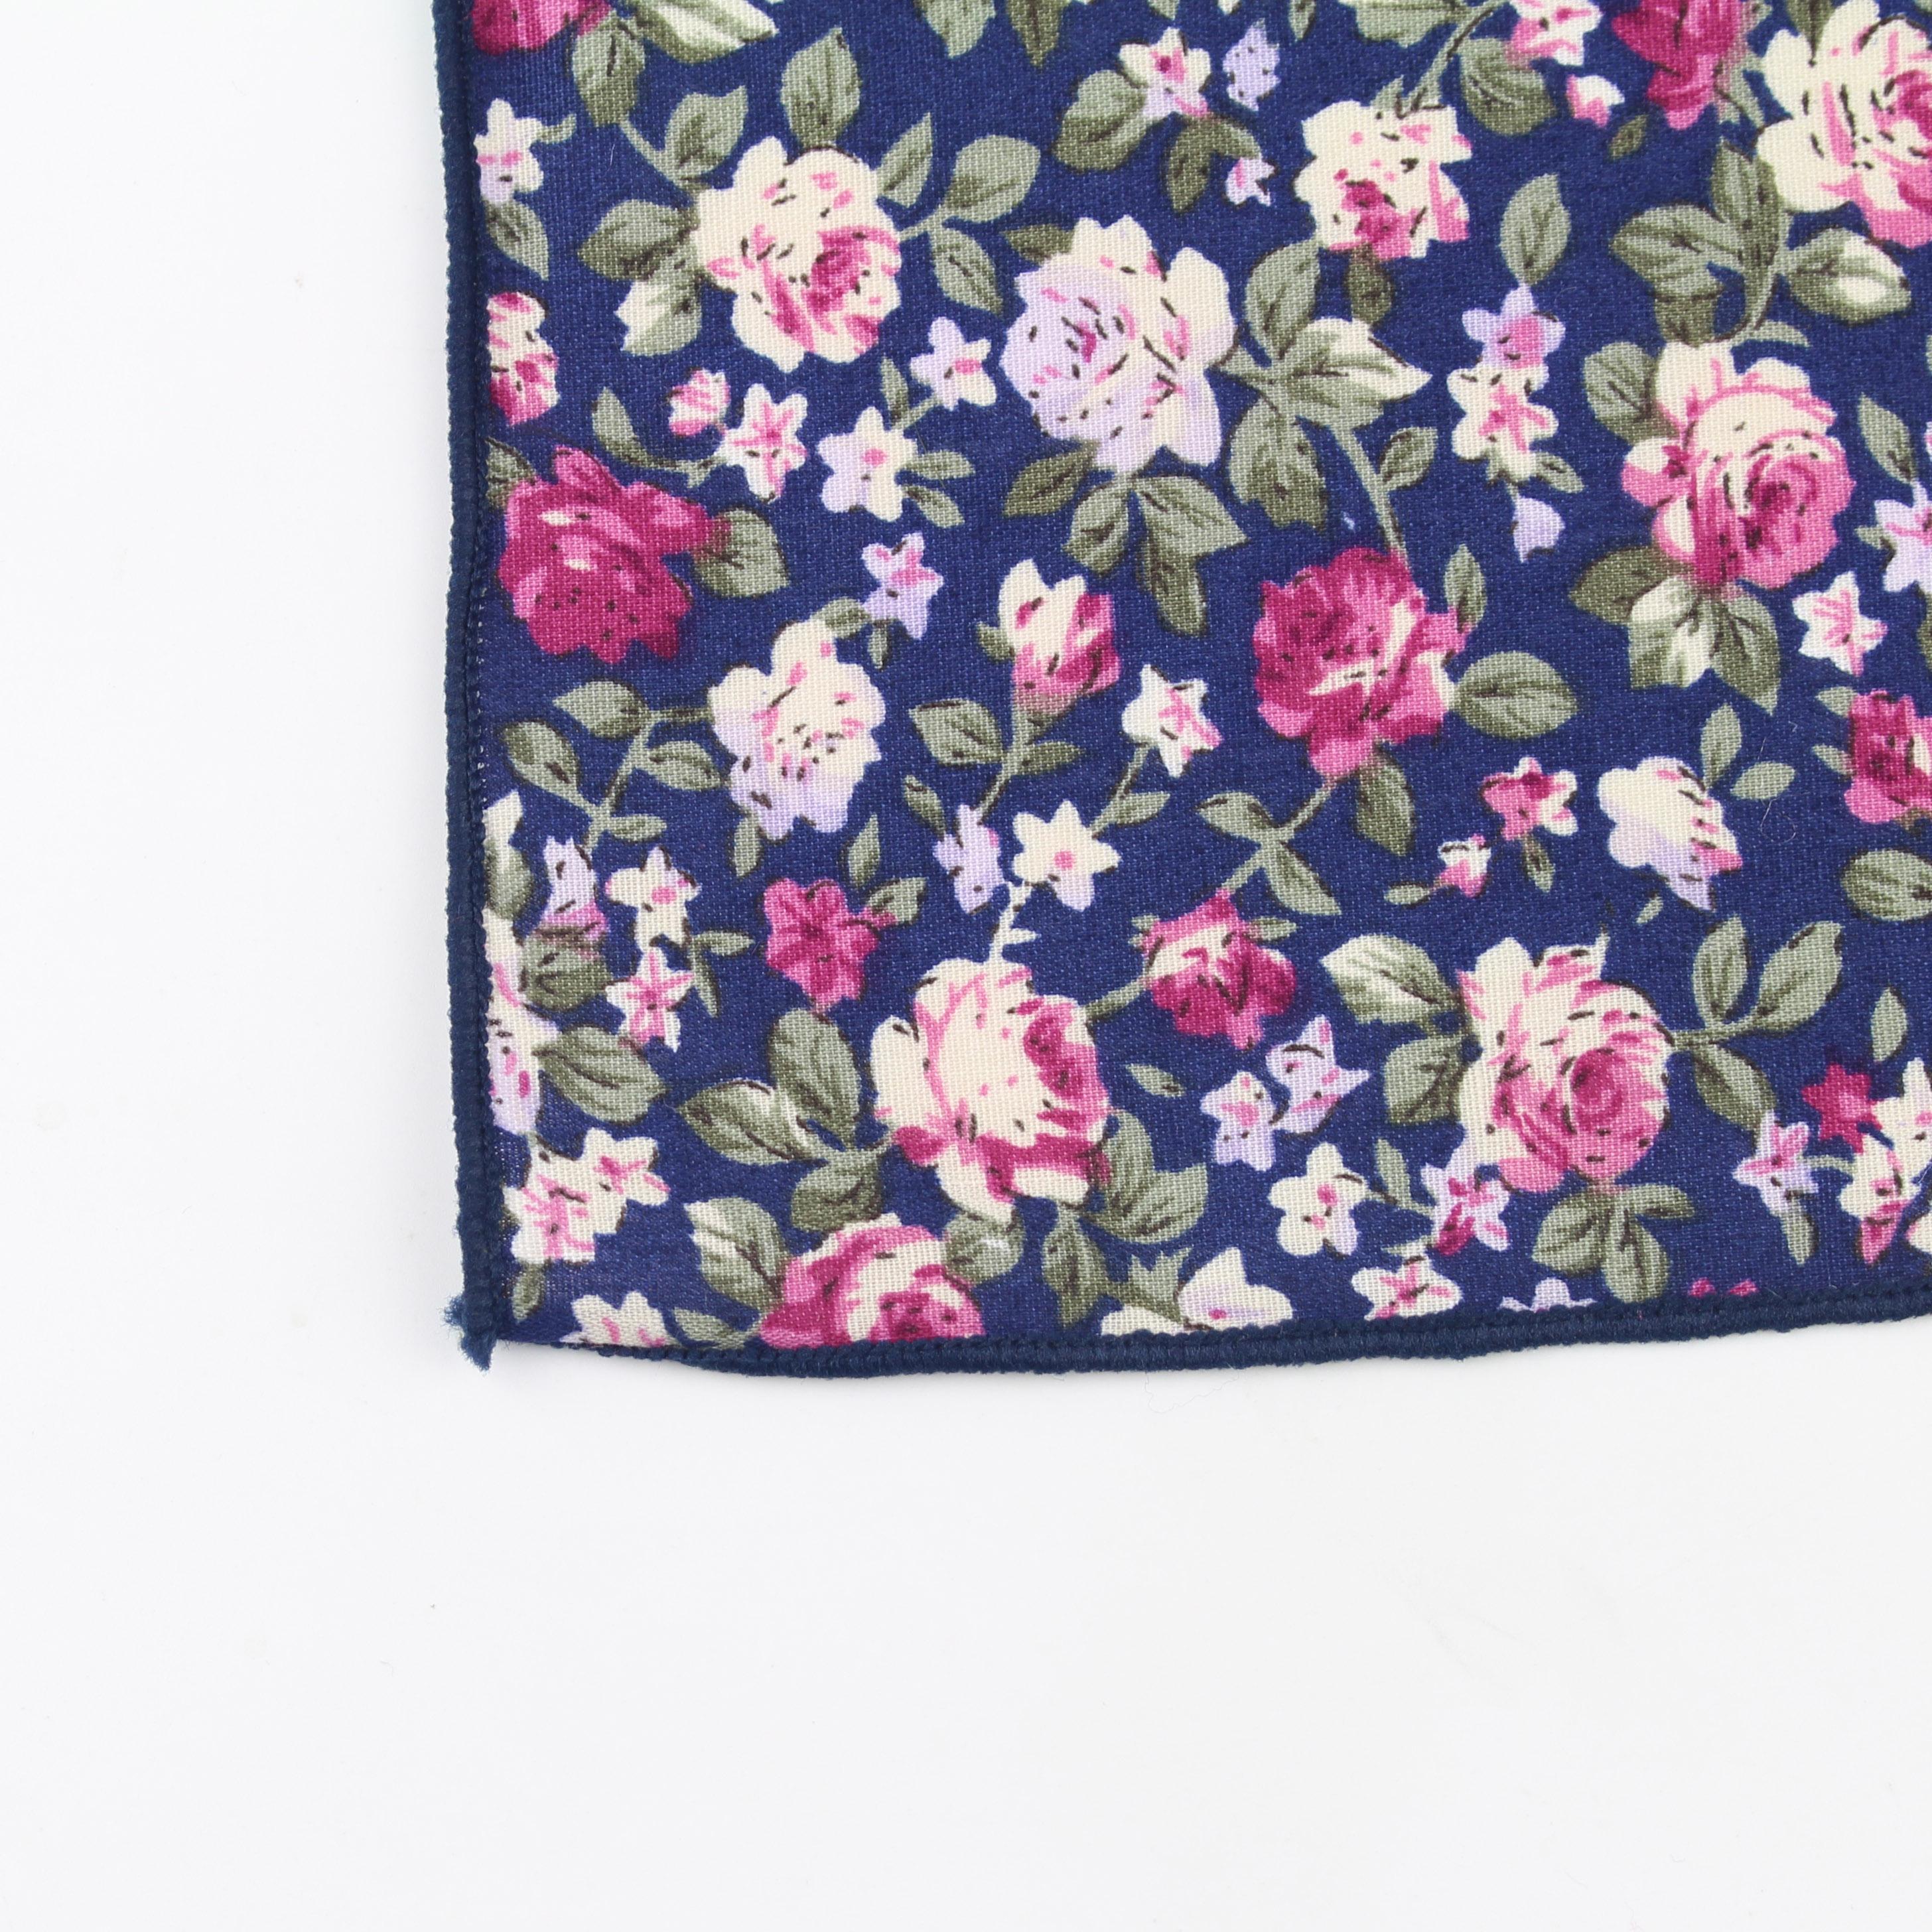 Новый стиль, носовой платок, шарфы, винтажные хлопковые носовые платки, мужские карманные квадратные носовые платки, розовый цветок, Пейсли